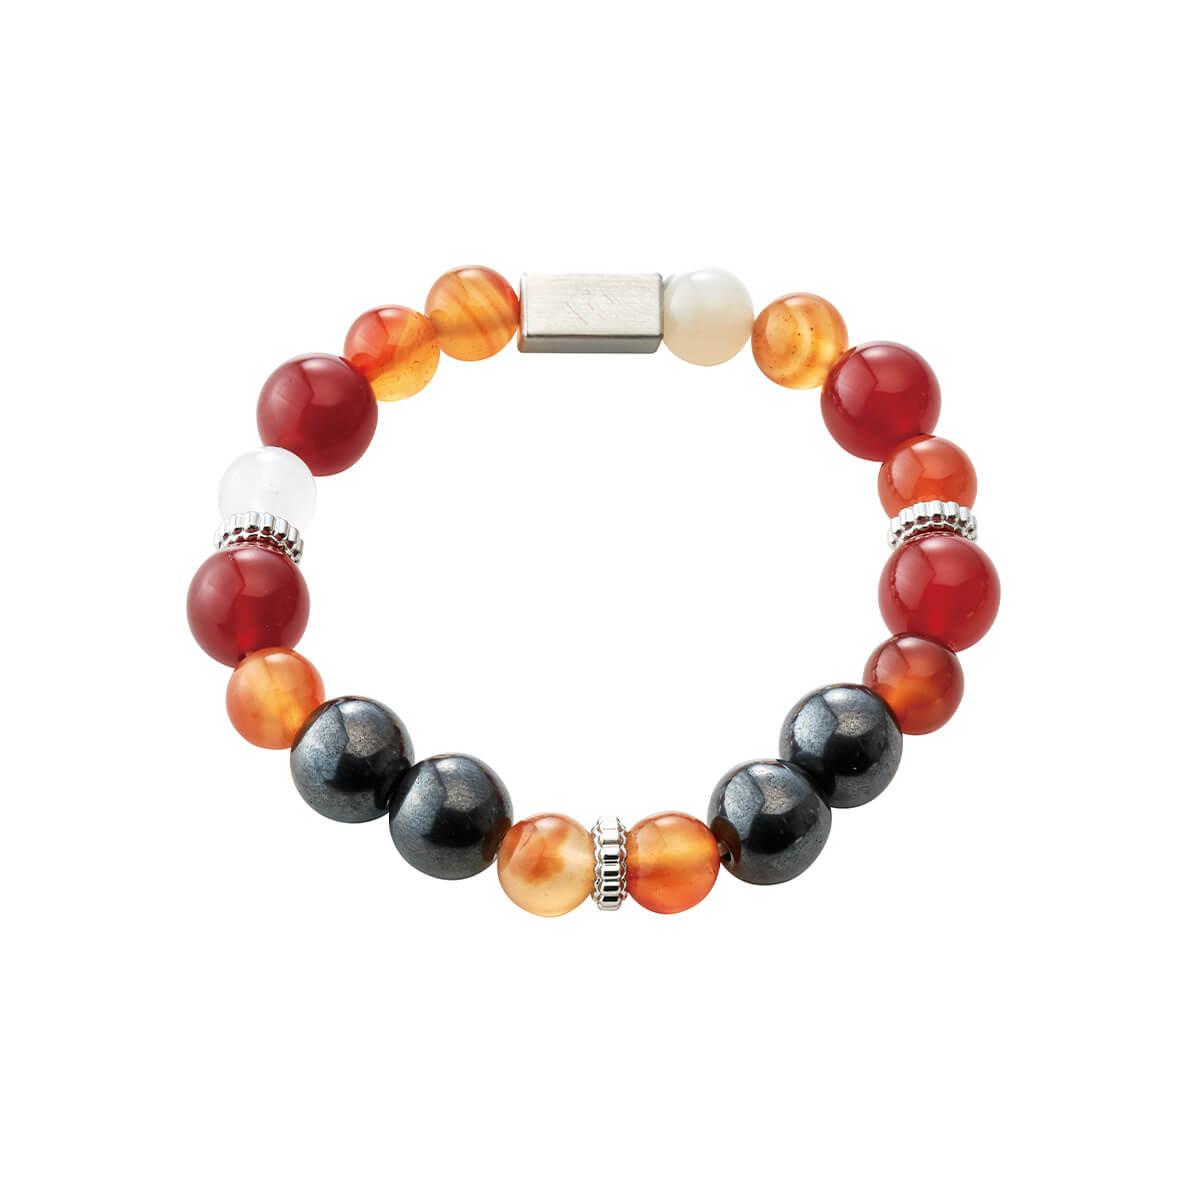 赤メノウ × カーネリアン